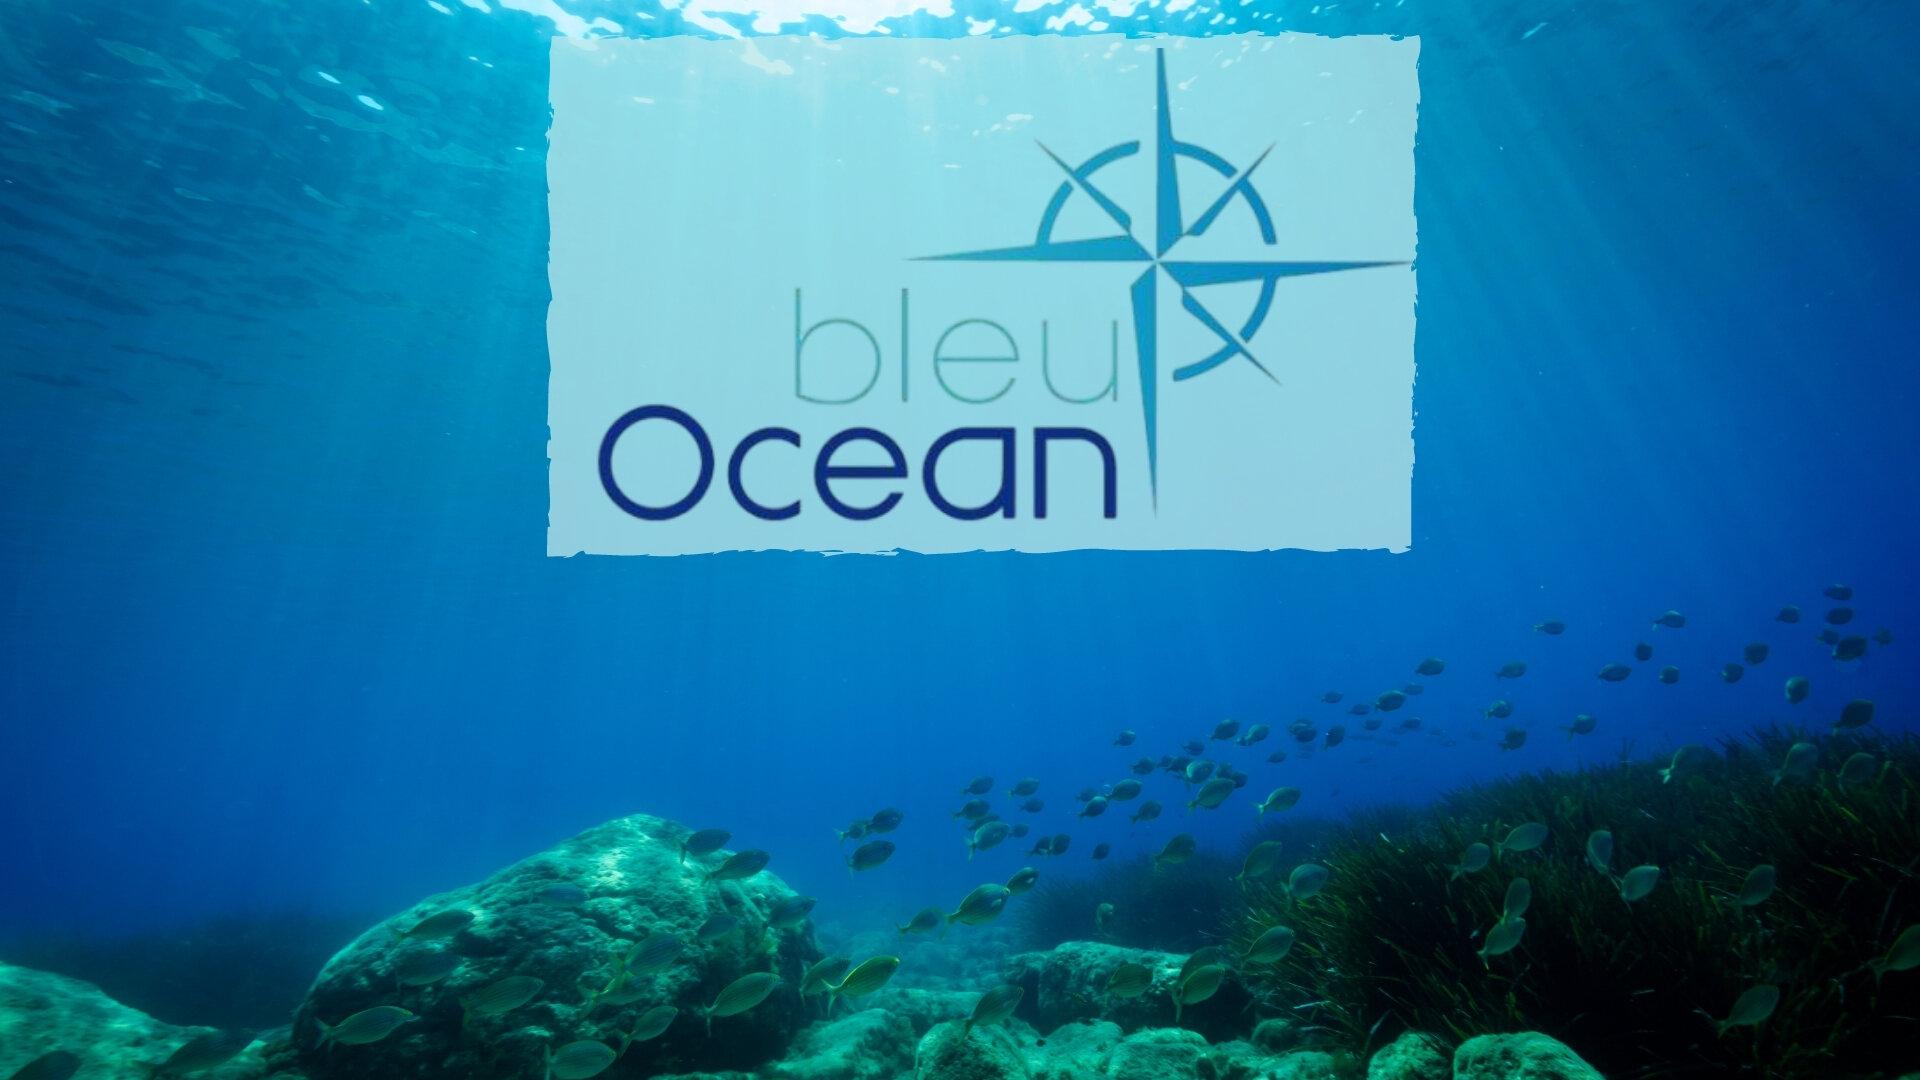 Bleu océan : Marquises - Pêche et navette inter île